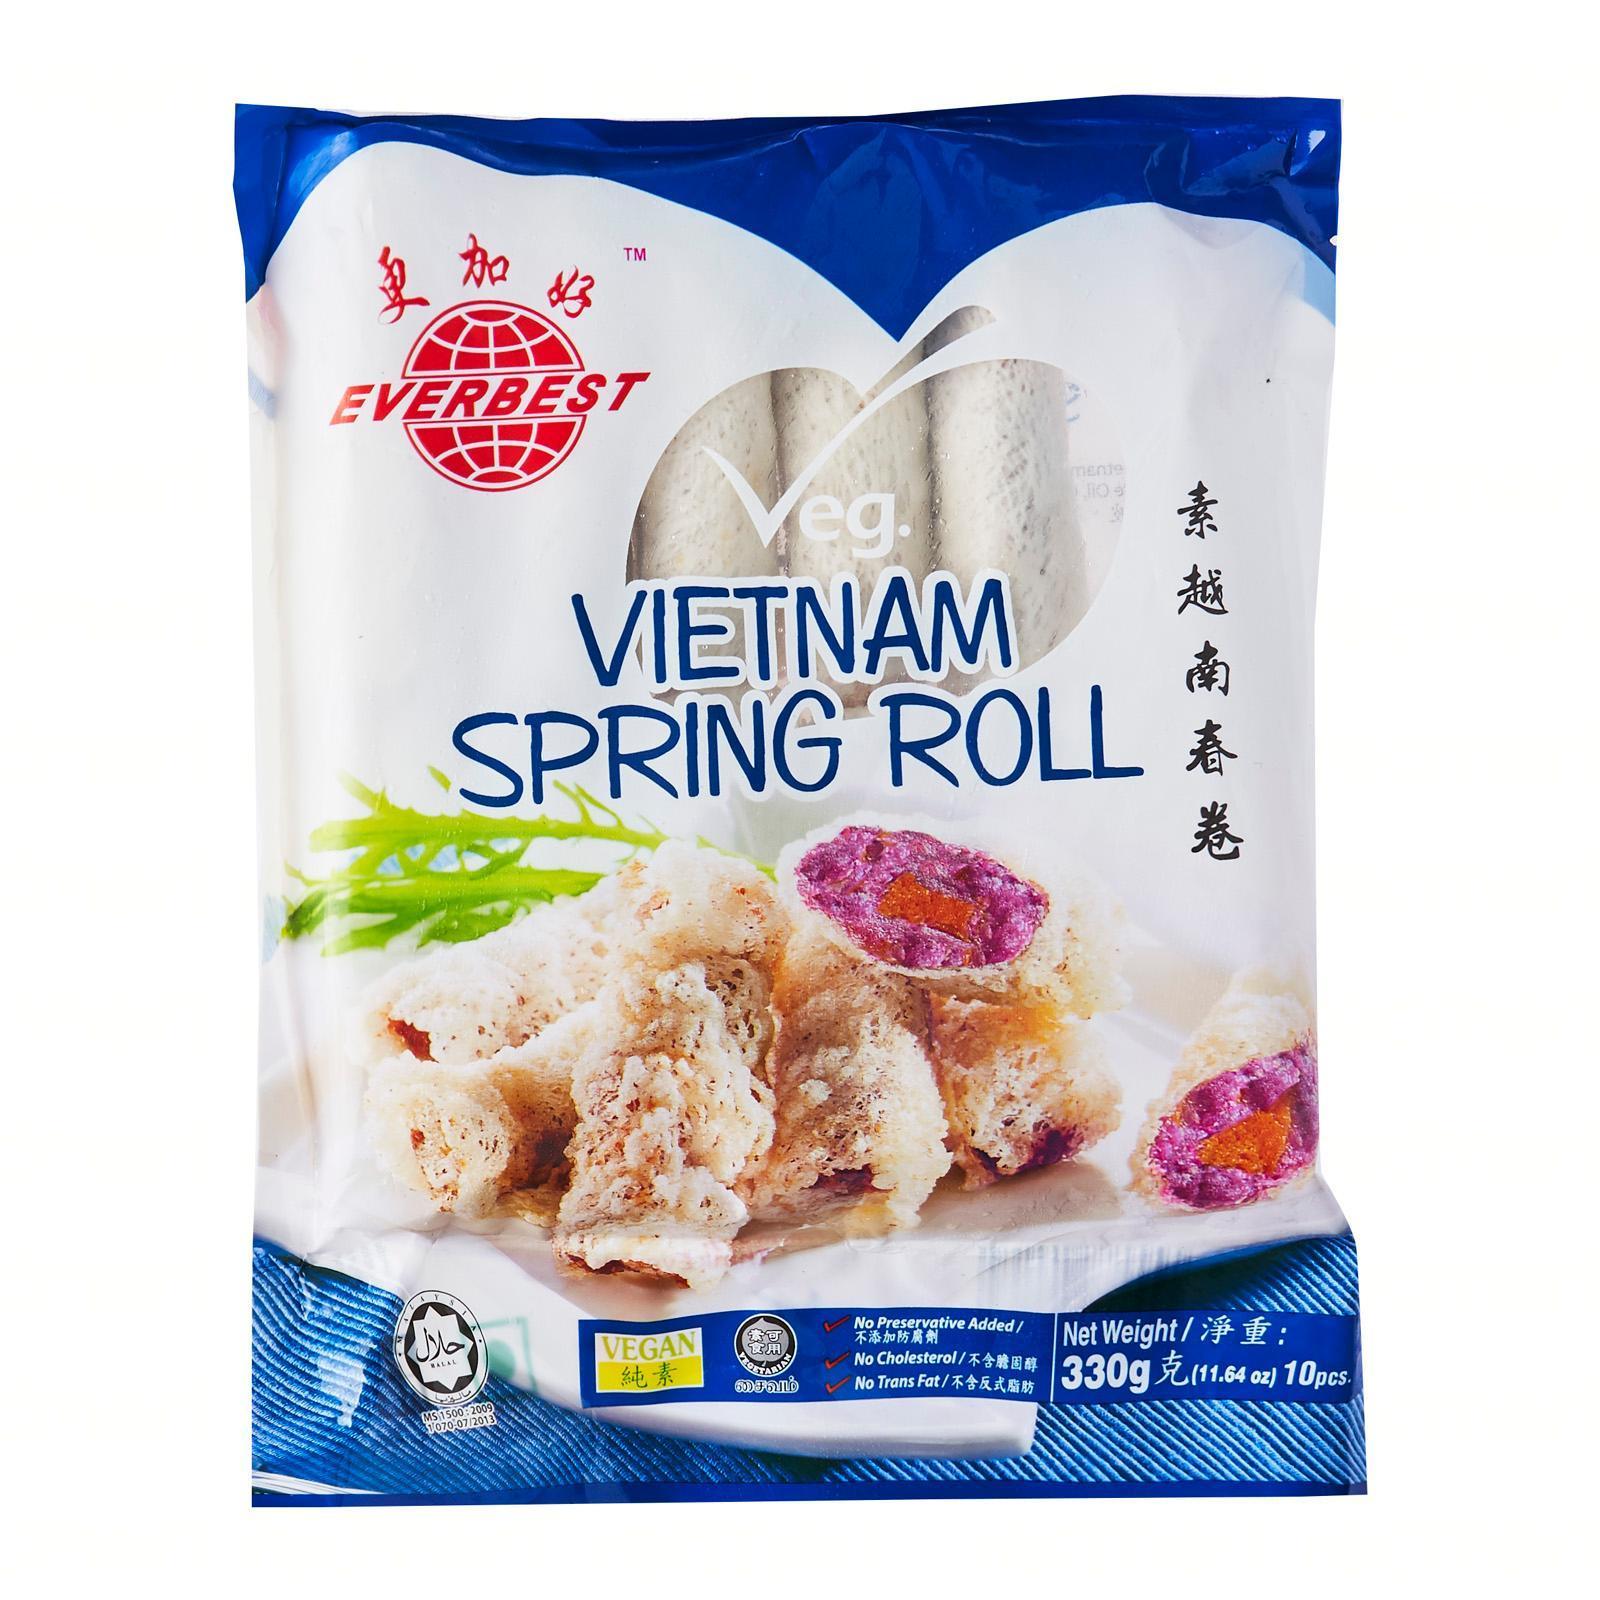 EB Vegetarian Vietnam Spring Roll - Frozen